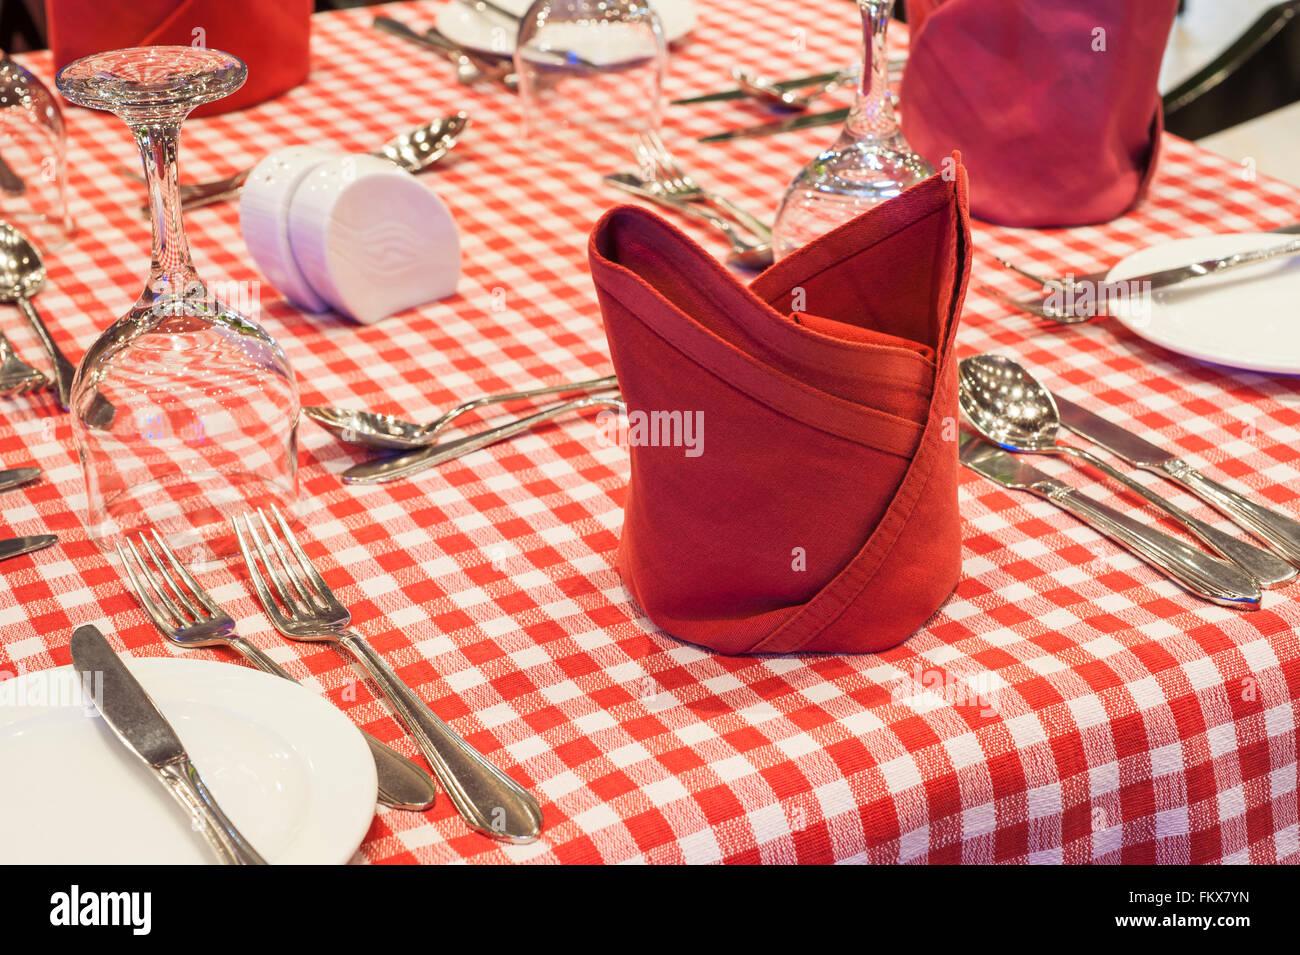 Closeup Detail einer Tabelle Einstellung auf Rot geprüfte Tabelle Tuch mit silber Besteck Stockbild